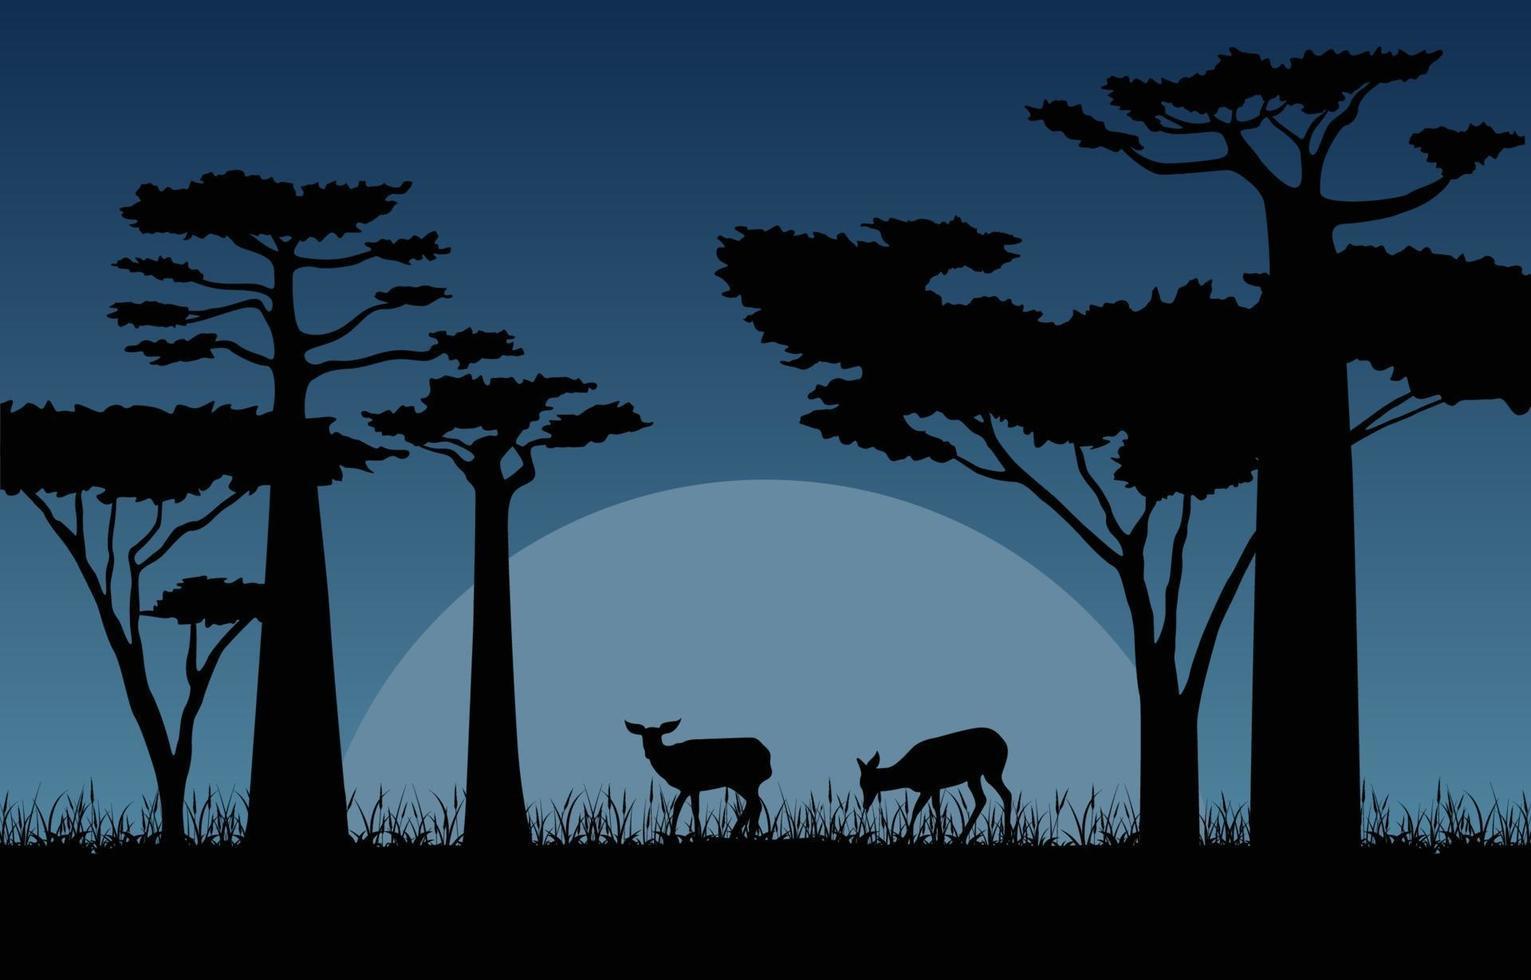 ciervos en la sabana africana en la noche ilustración vector